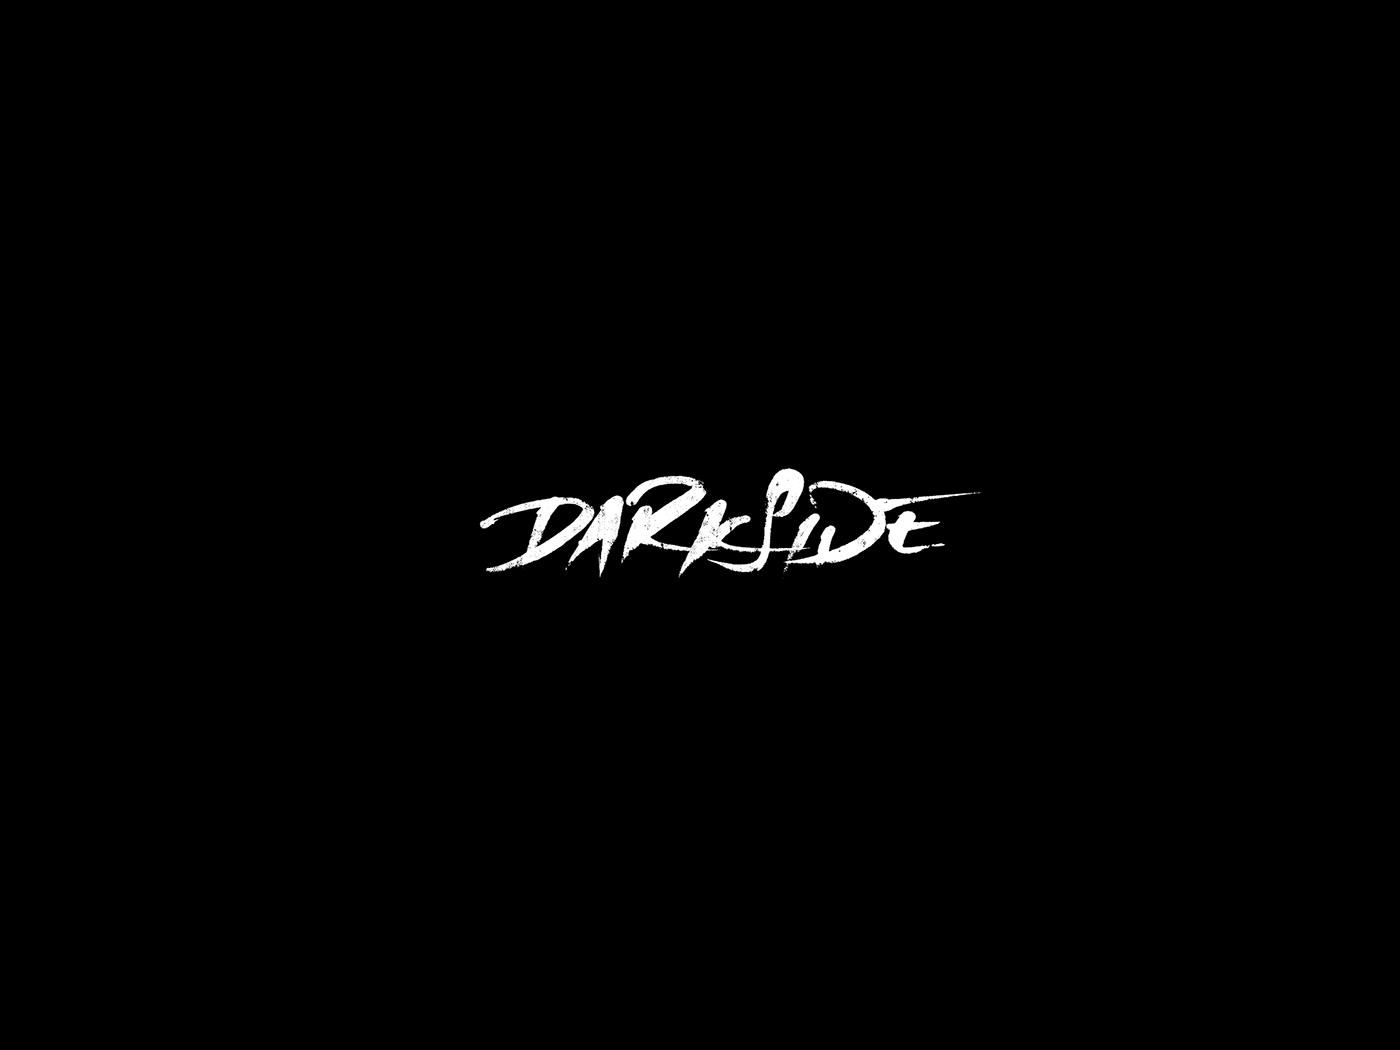 darkside on behance